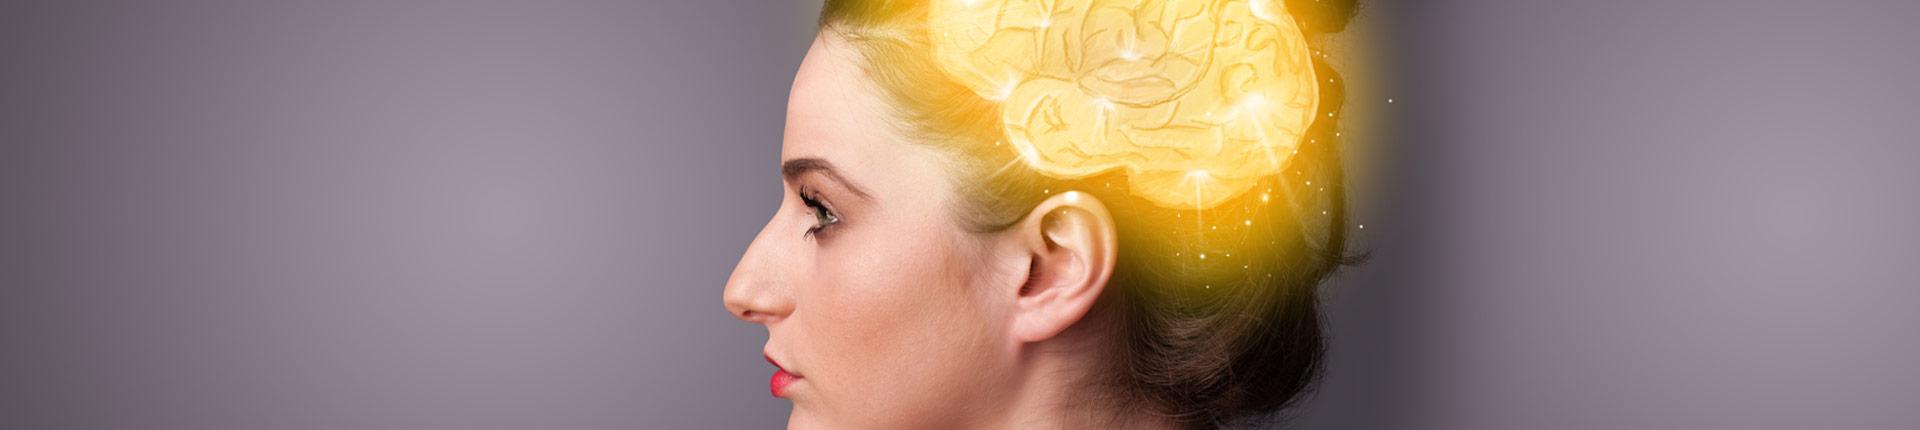 Kobieta, kreatyna, funkcjonowanie mózgu, sen